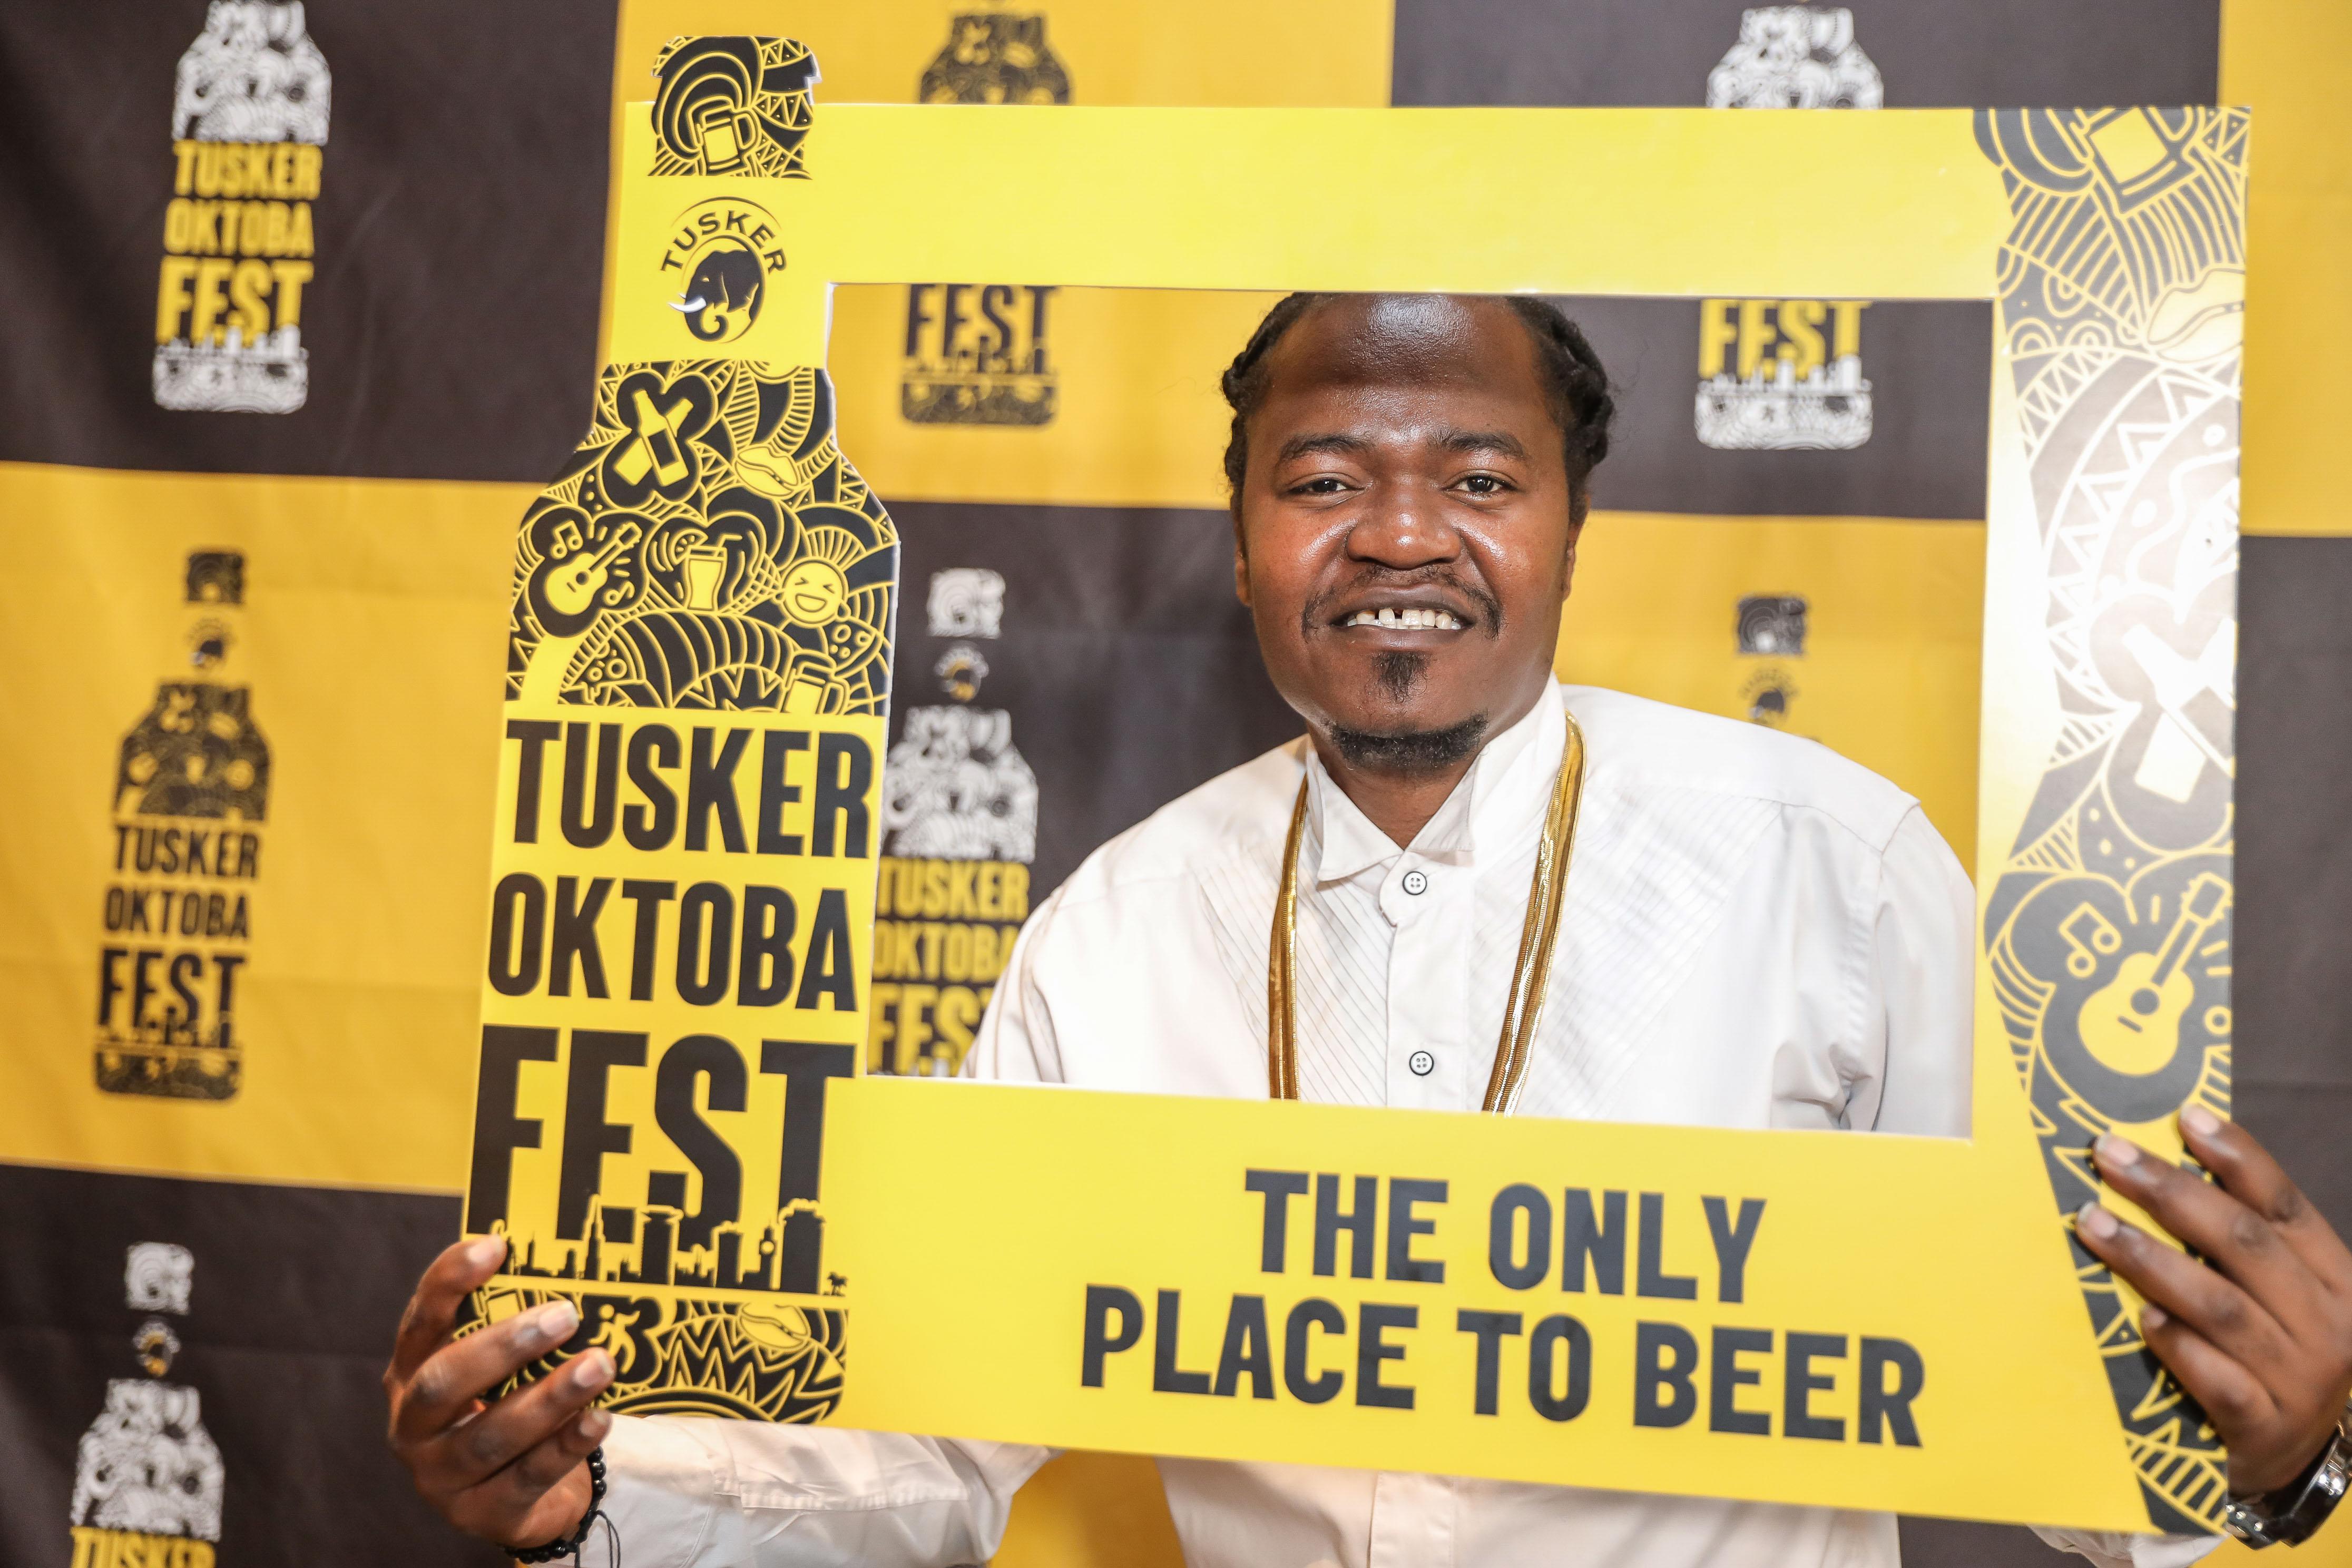 Celebrated Kenyan Kenyan hip hop artist, Juakali Pose with a Tusker Oktoba Fest Frame during the unveil the 2 days Festival held at the Blue Door Beer Garden. www.businesstoday.com